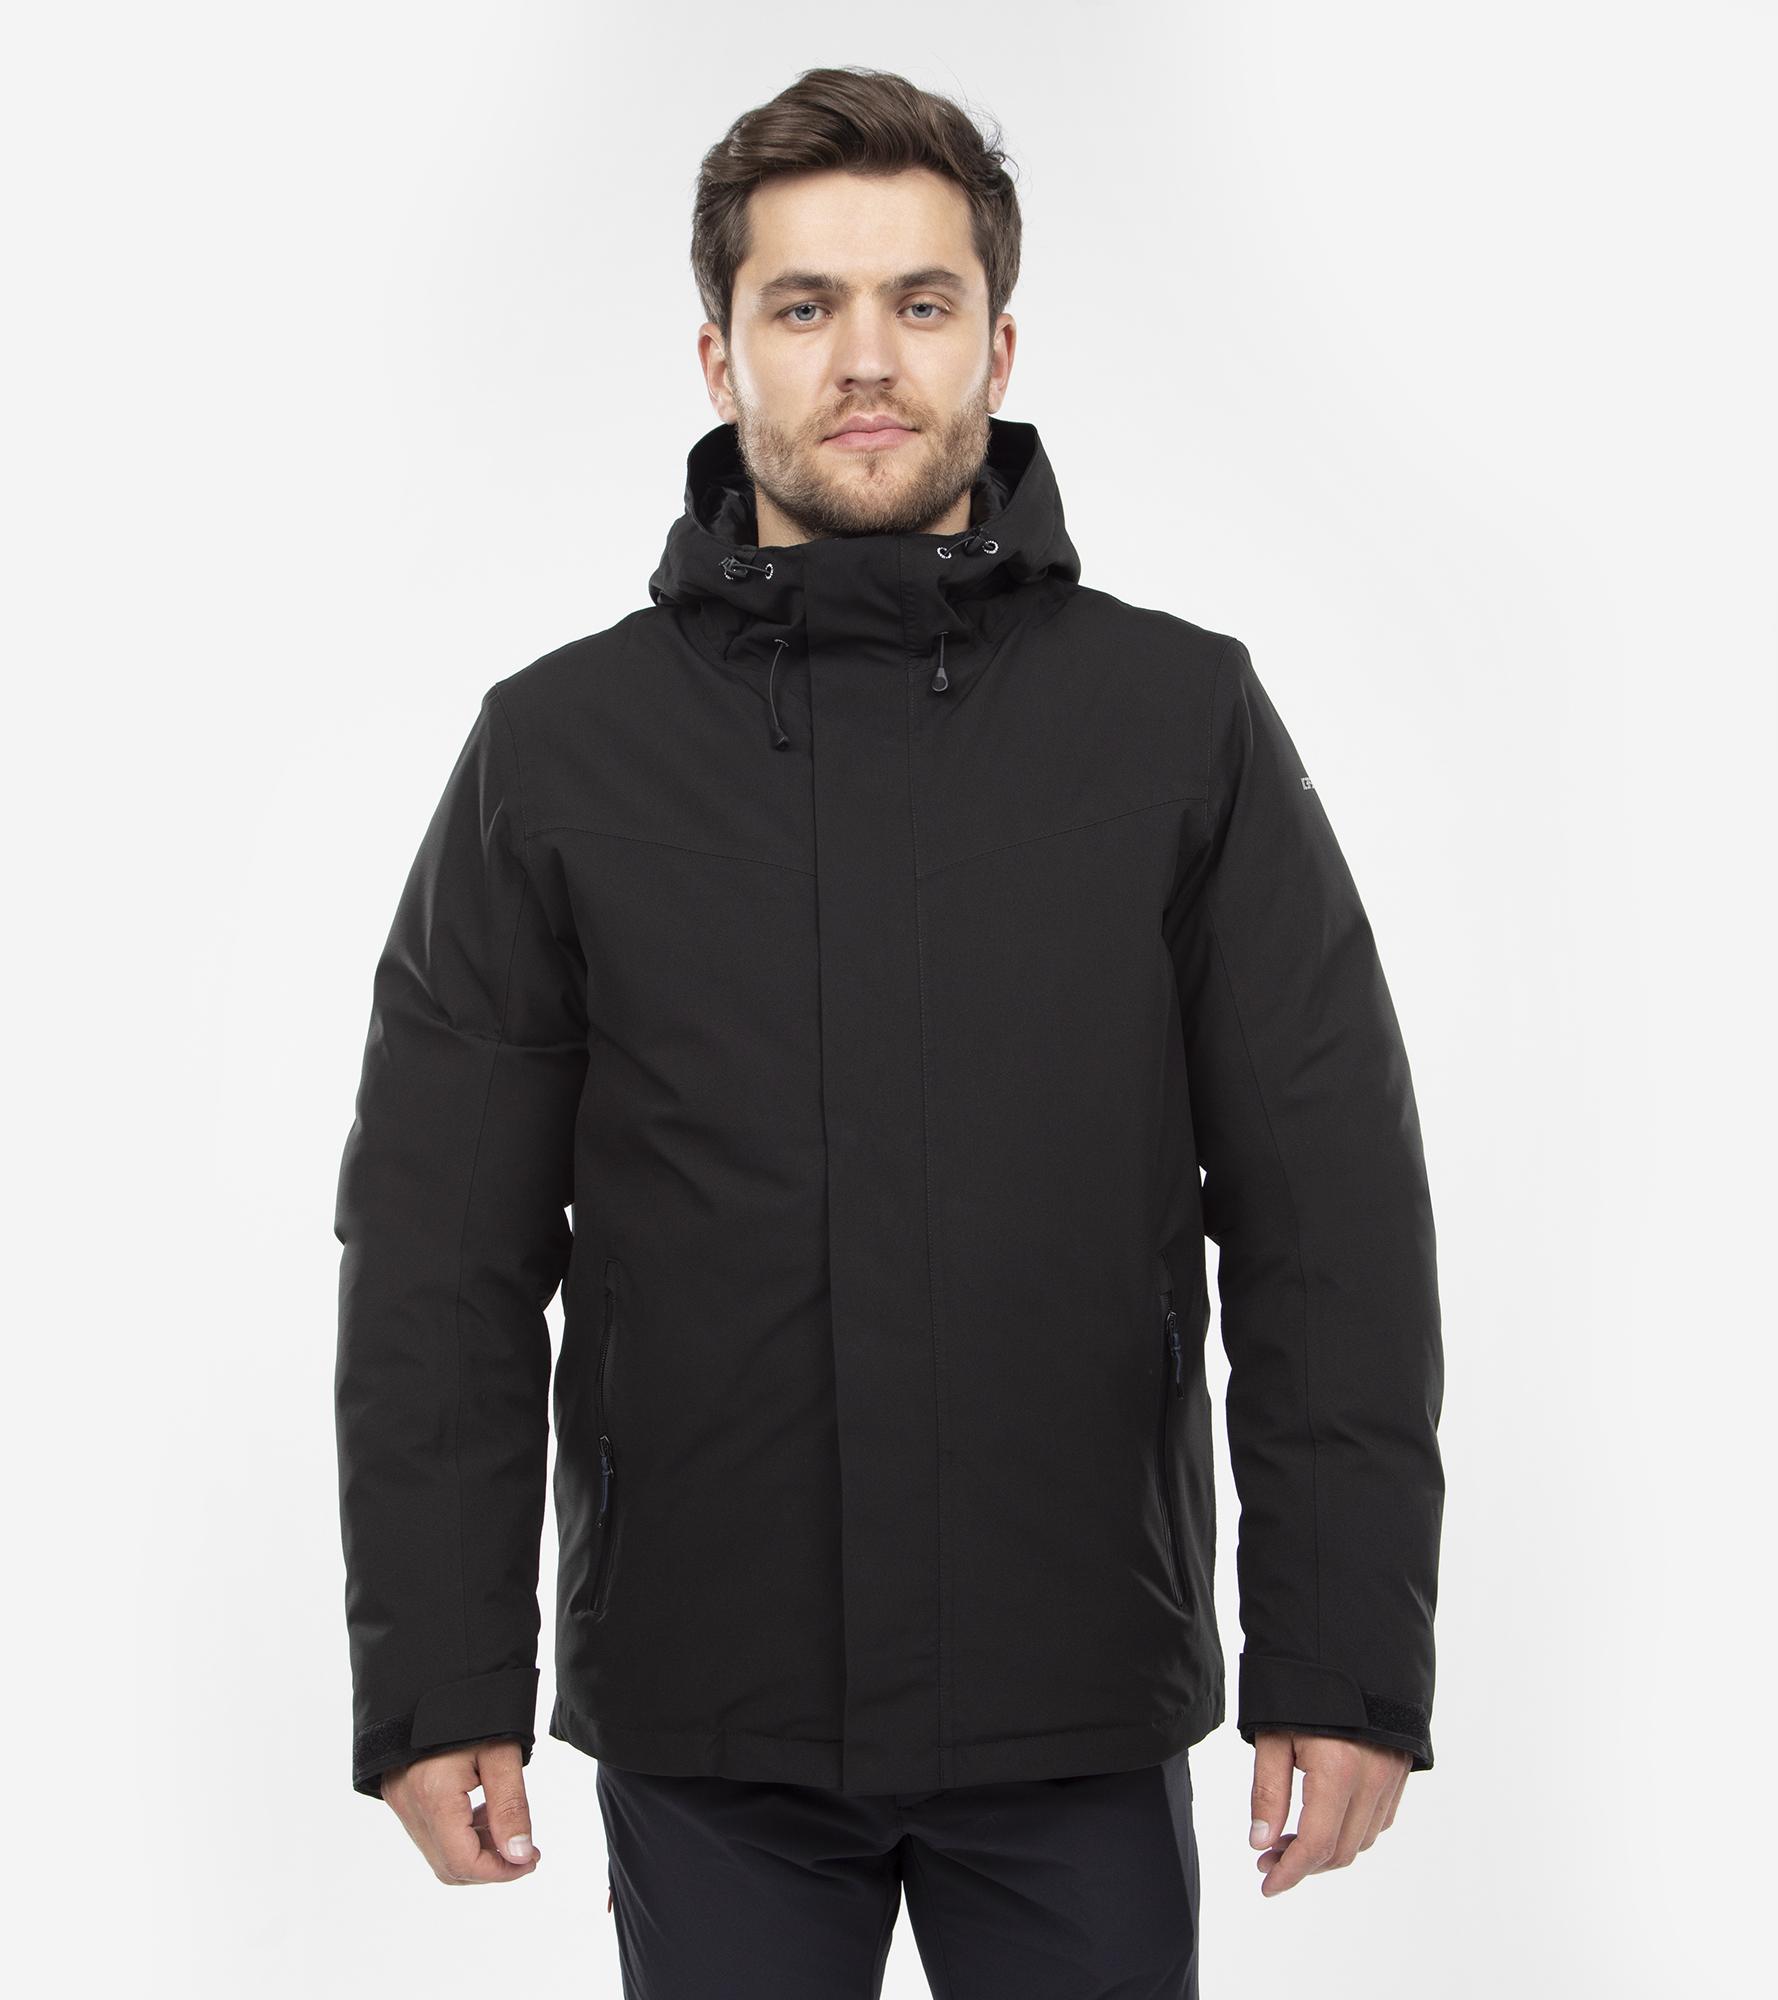 IcePeak Куртка утепленная мужская IcePeak Pinesdale, размер 56 цены онлайн